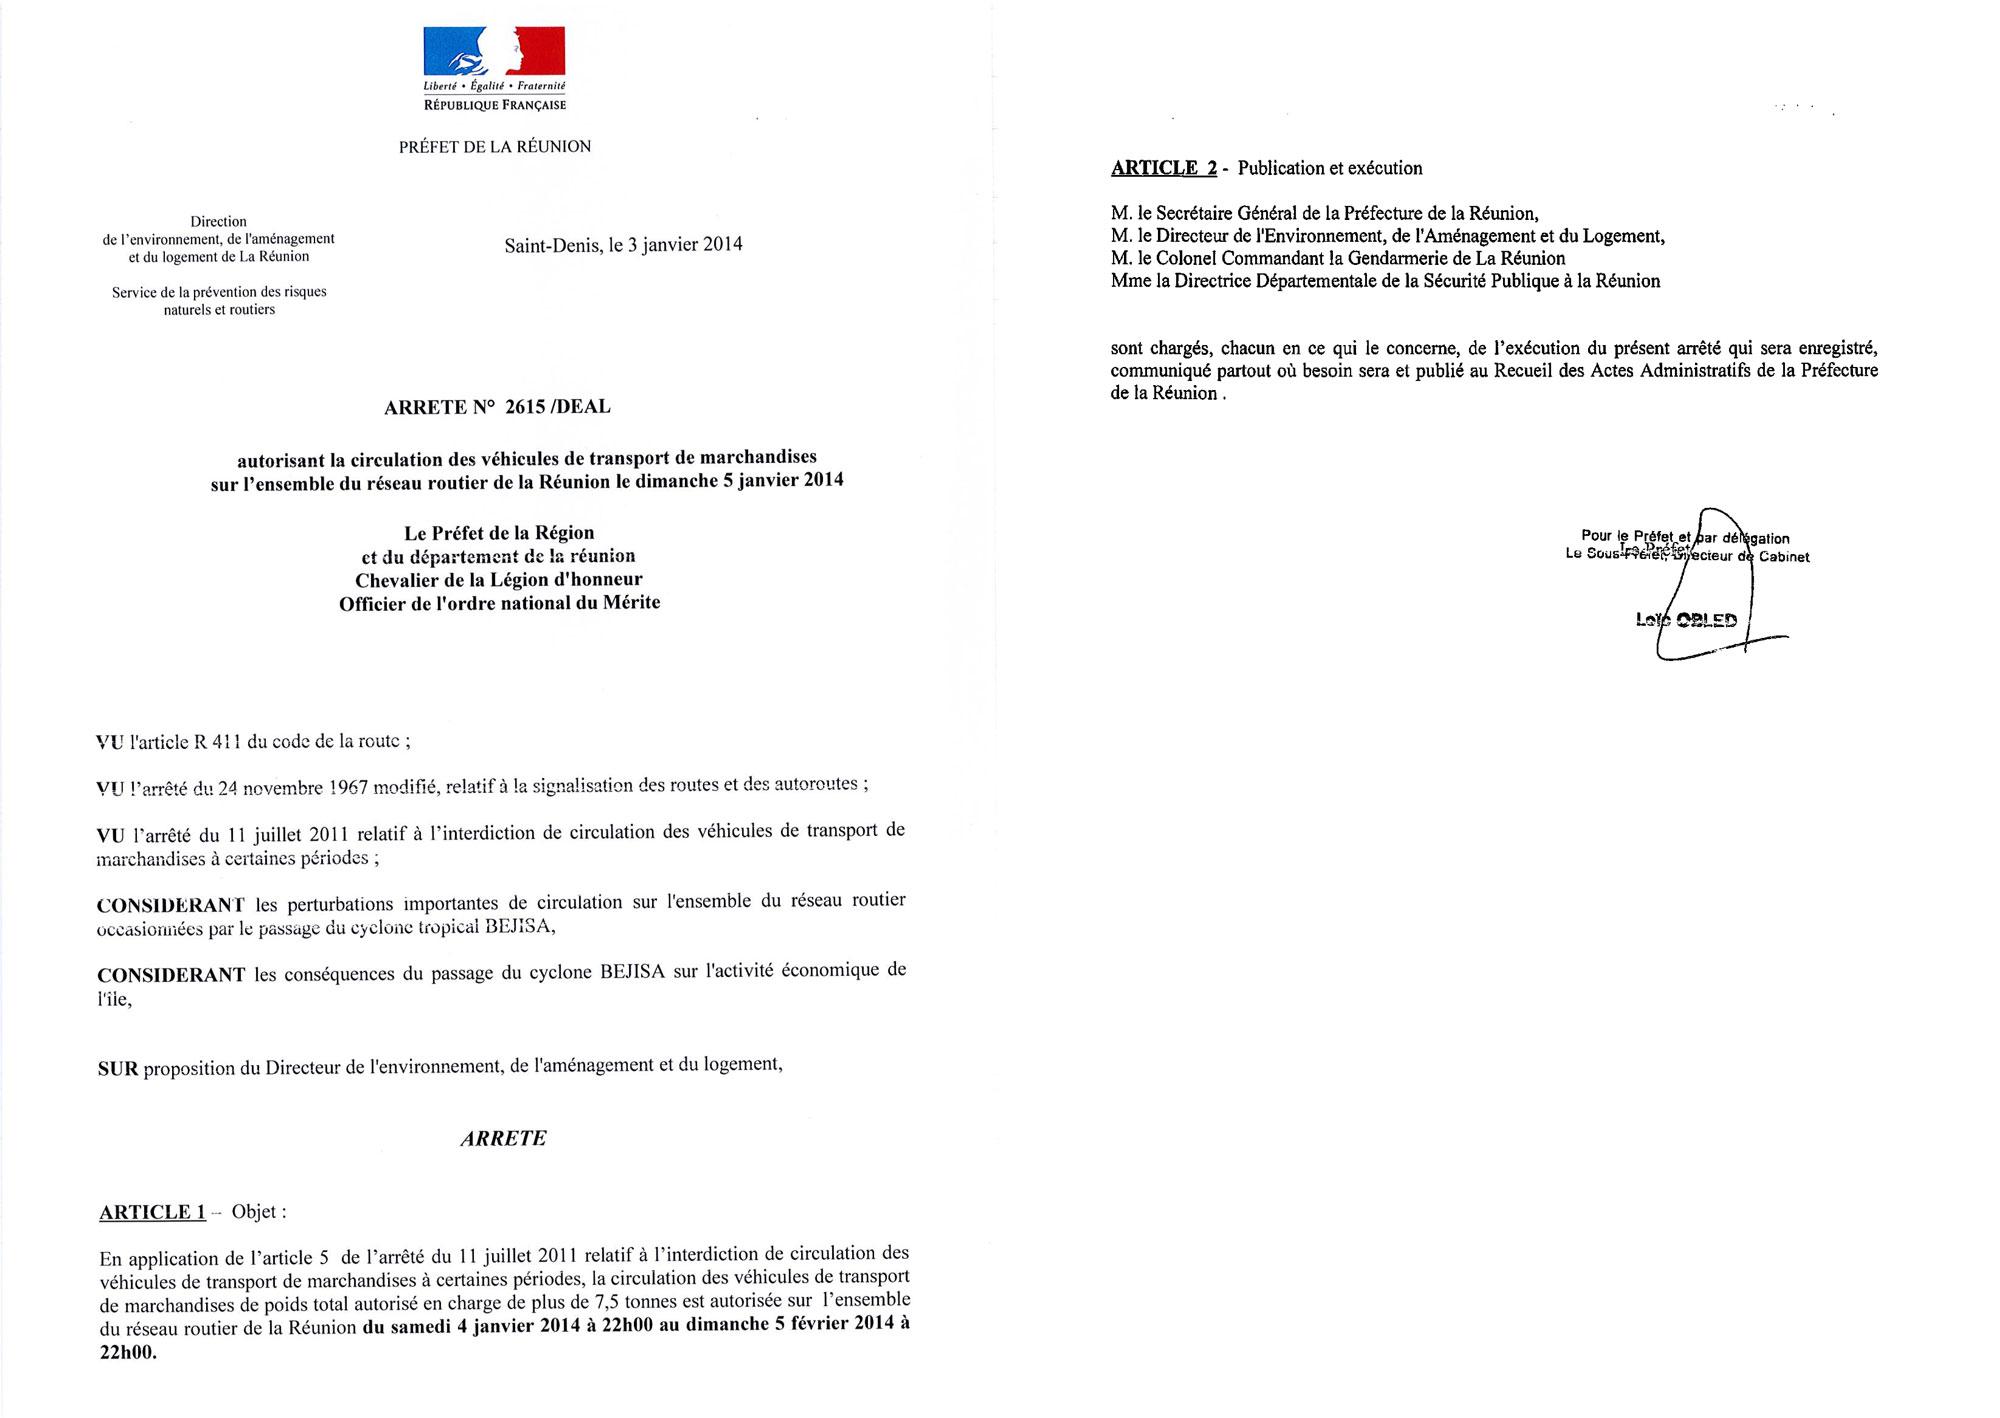 Arrêté préfectoral autorisant la circulation des véhicules de transport de marchandises sur l'ensemble du réseau routier de La Réunion le dimanche 5 janvier 2014